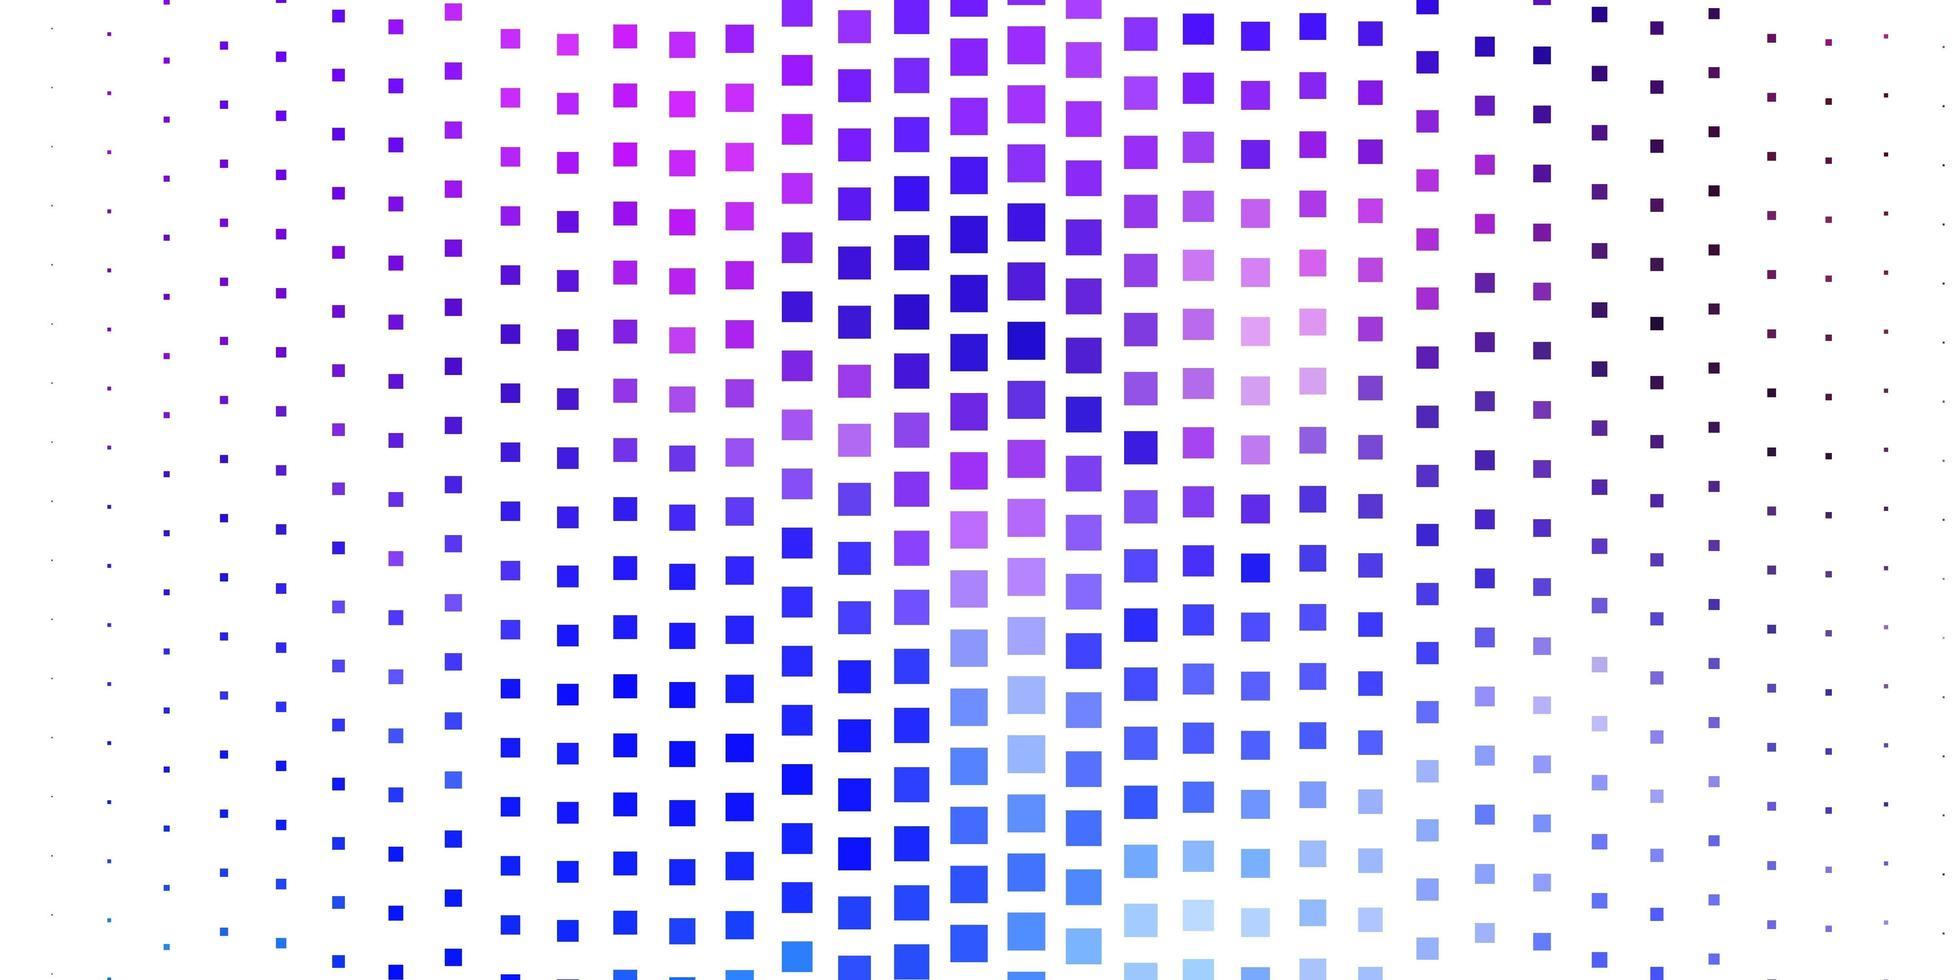 Fondo de vector multicolor oscuro con rectángulos.